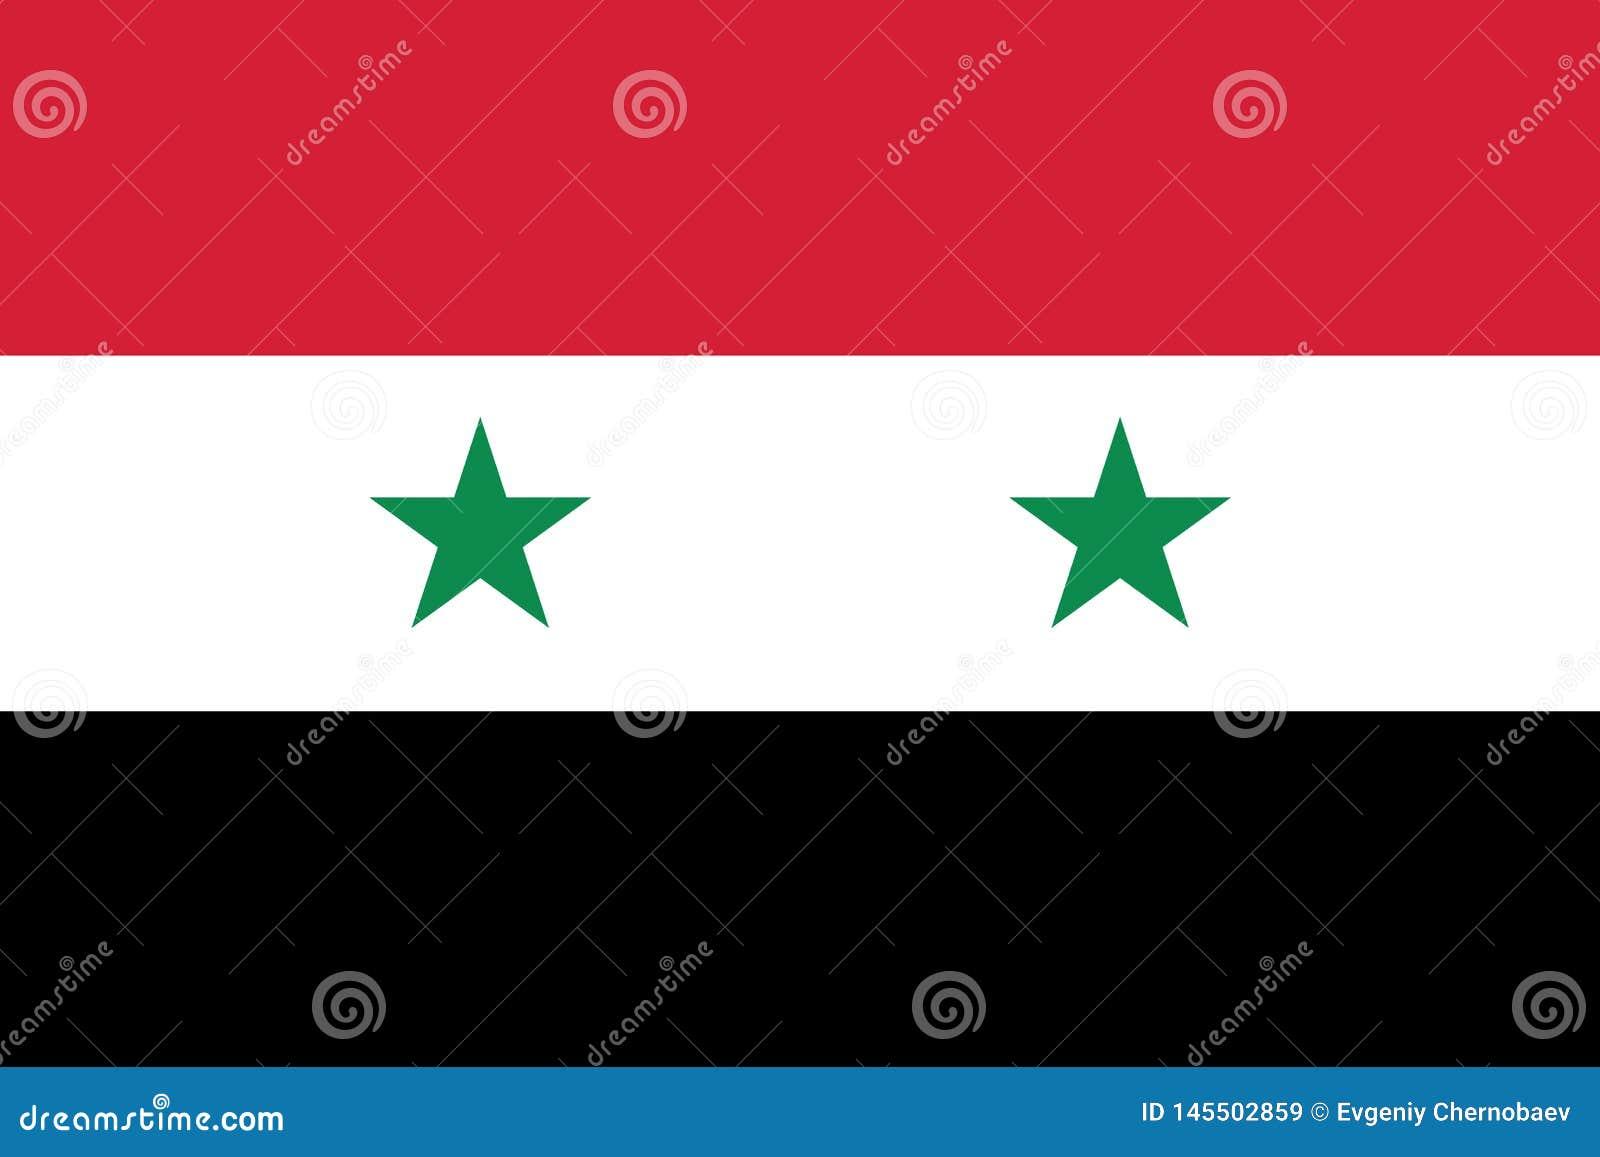 Σημαία διανυσματικό eps10 της Συρίας Συριακή σημαία με δύο αστέρια Σημάδι σημαιών της Συρίας